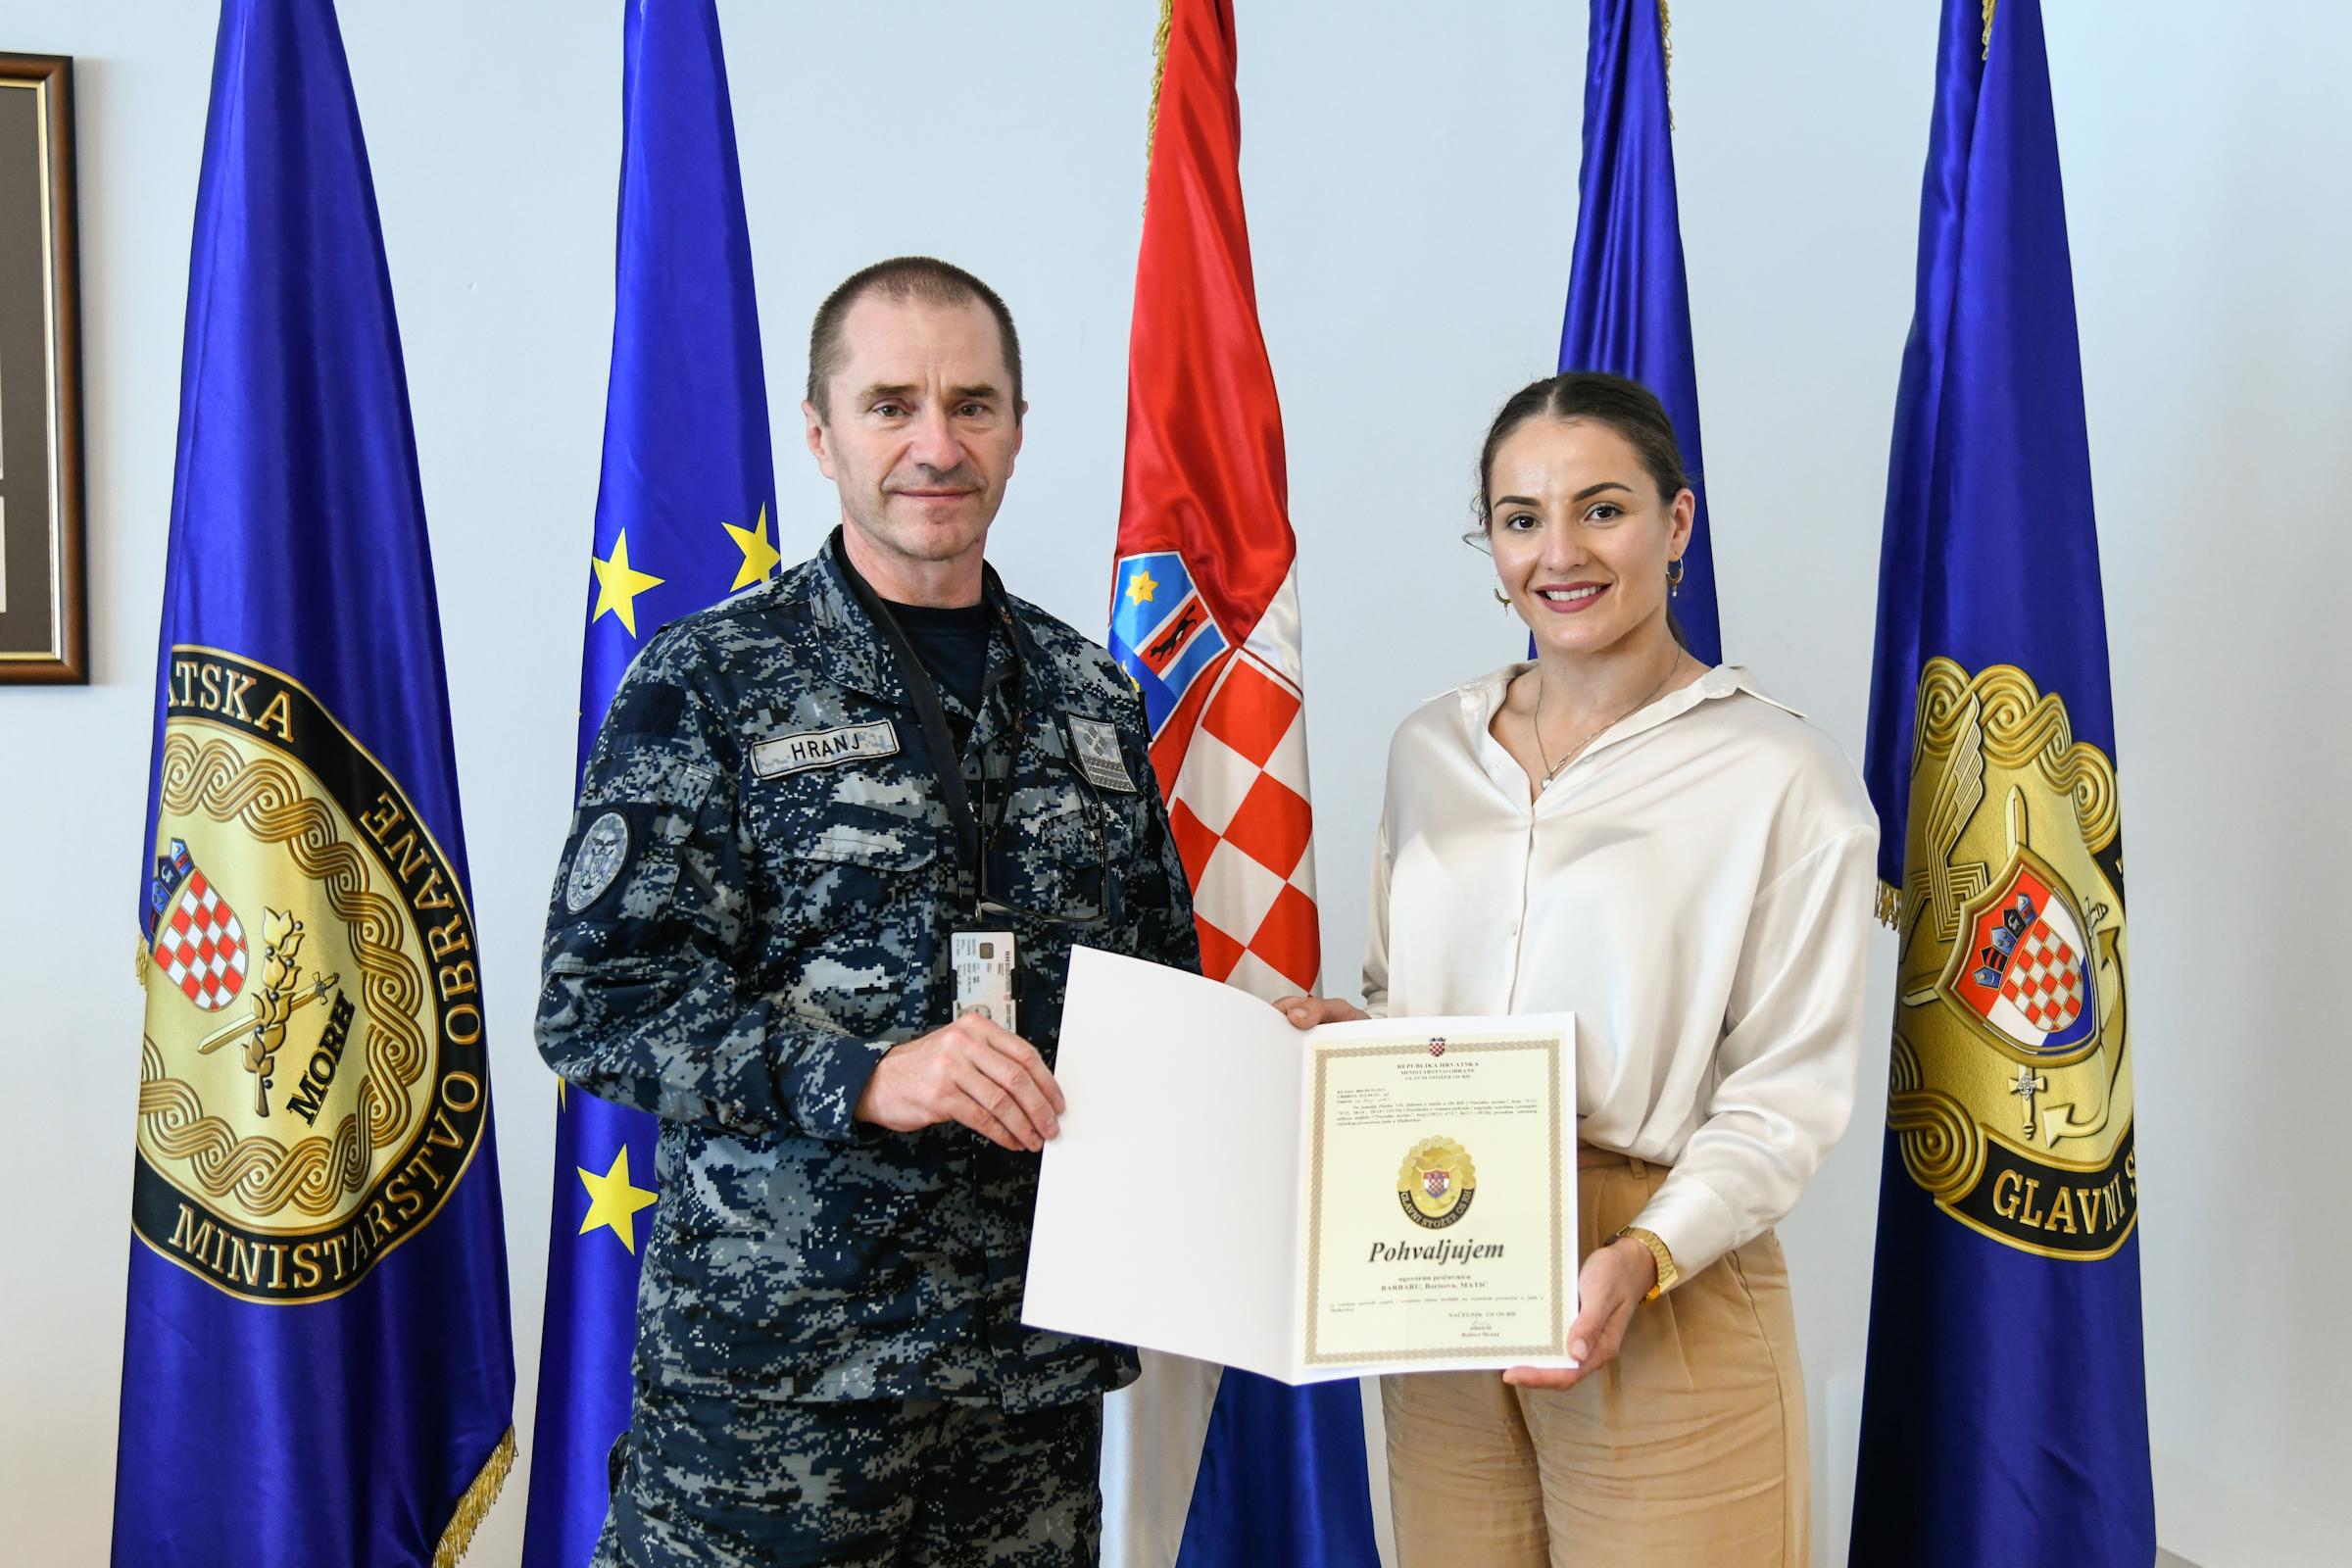 Ministar Banožić uručio kristalnu plaketu MORH-a Barbari Matić